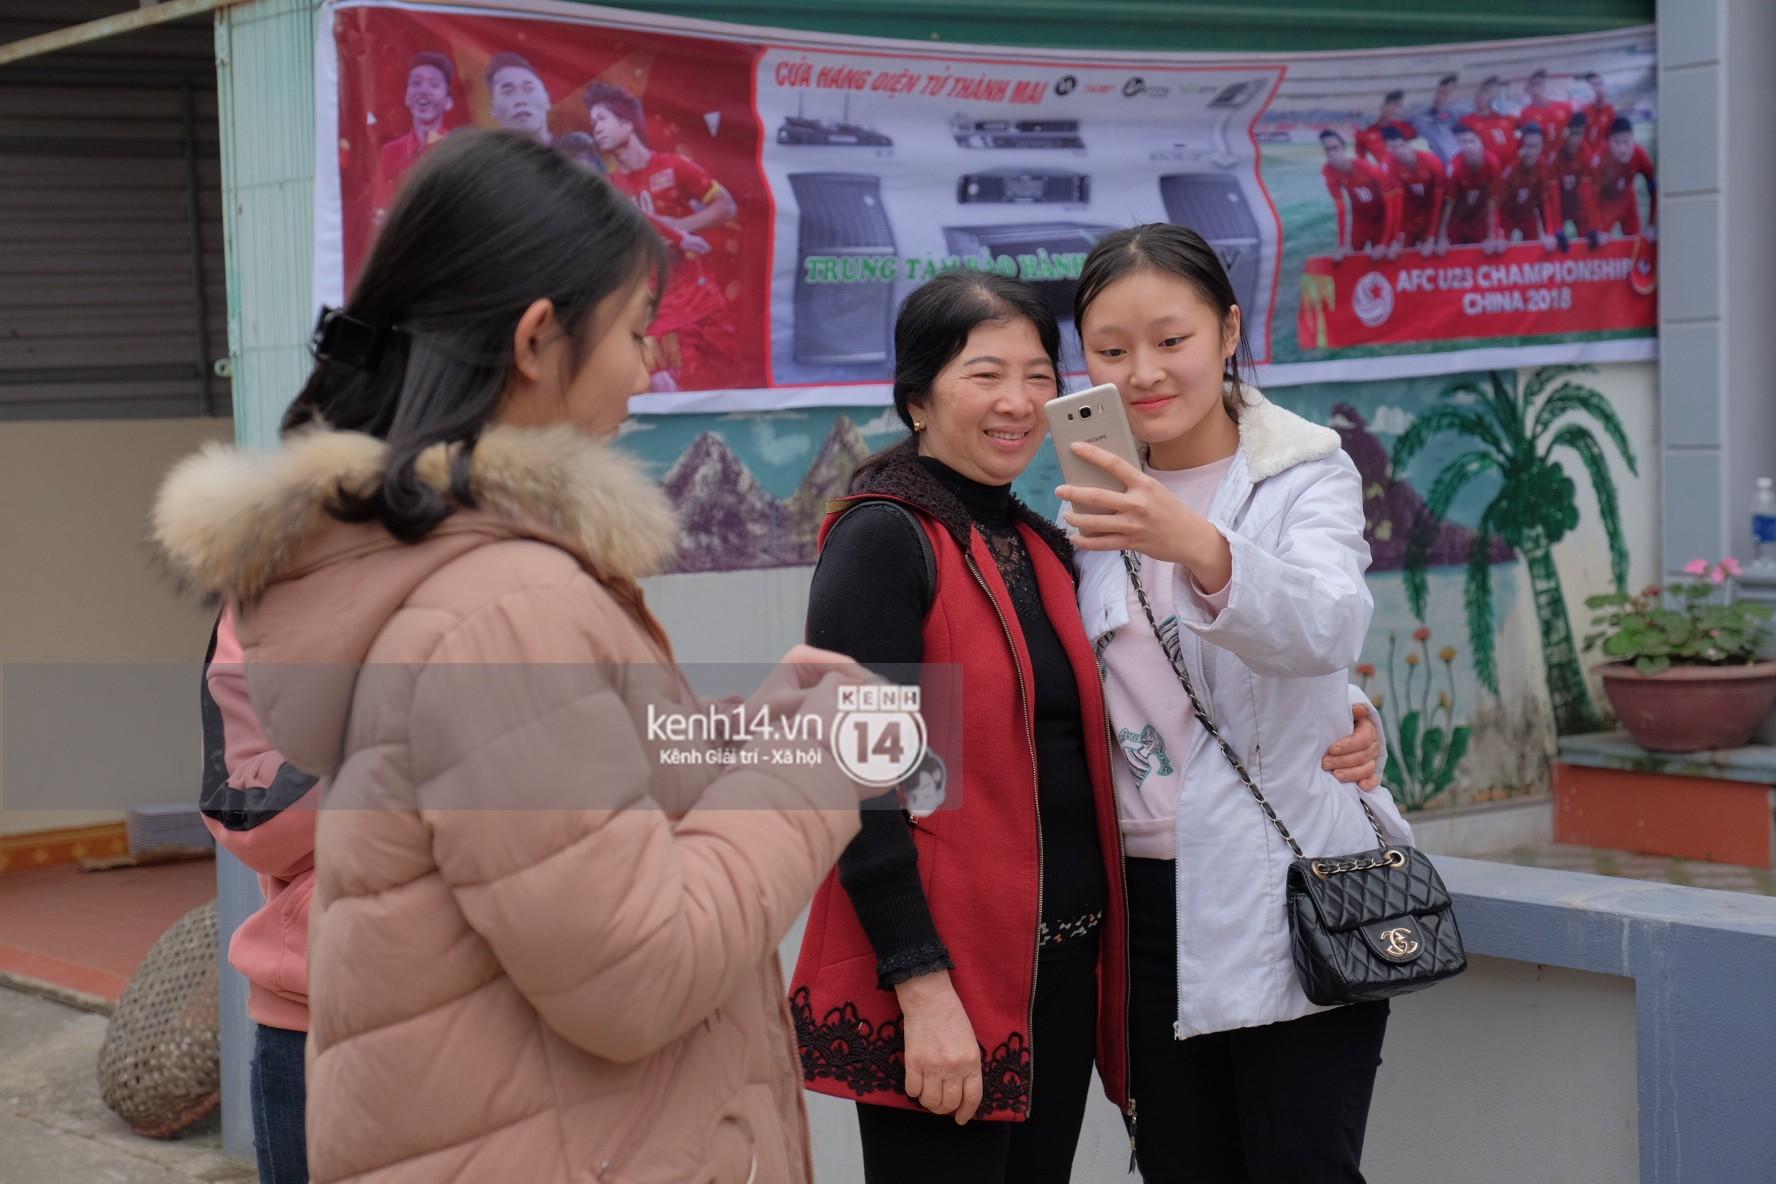 Mong được gặp Xuân Trường U23, nhiều fangirl tận Hà Giang vẫn chịu khó bắt xe xuống Tuyên Quang vào ngày Valentine - Ảnh 3.